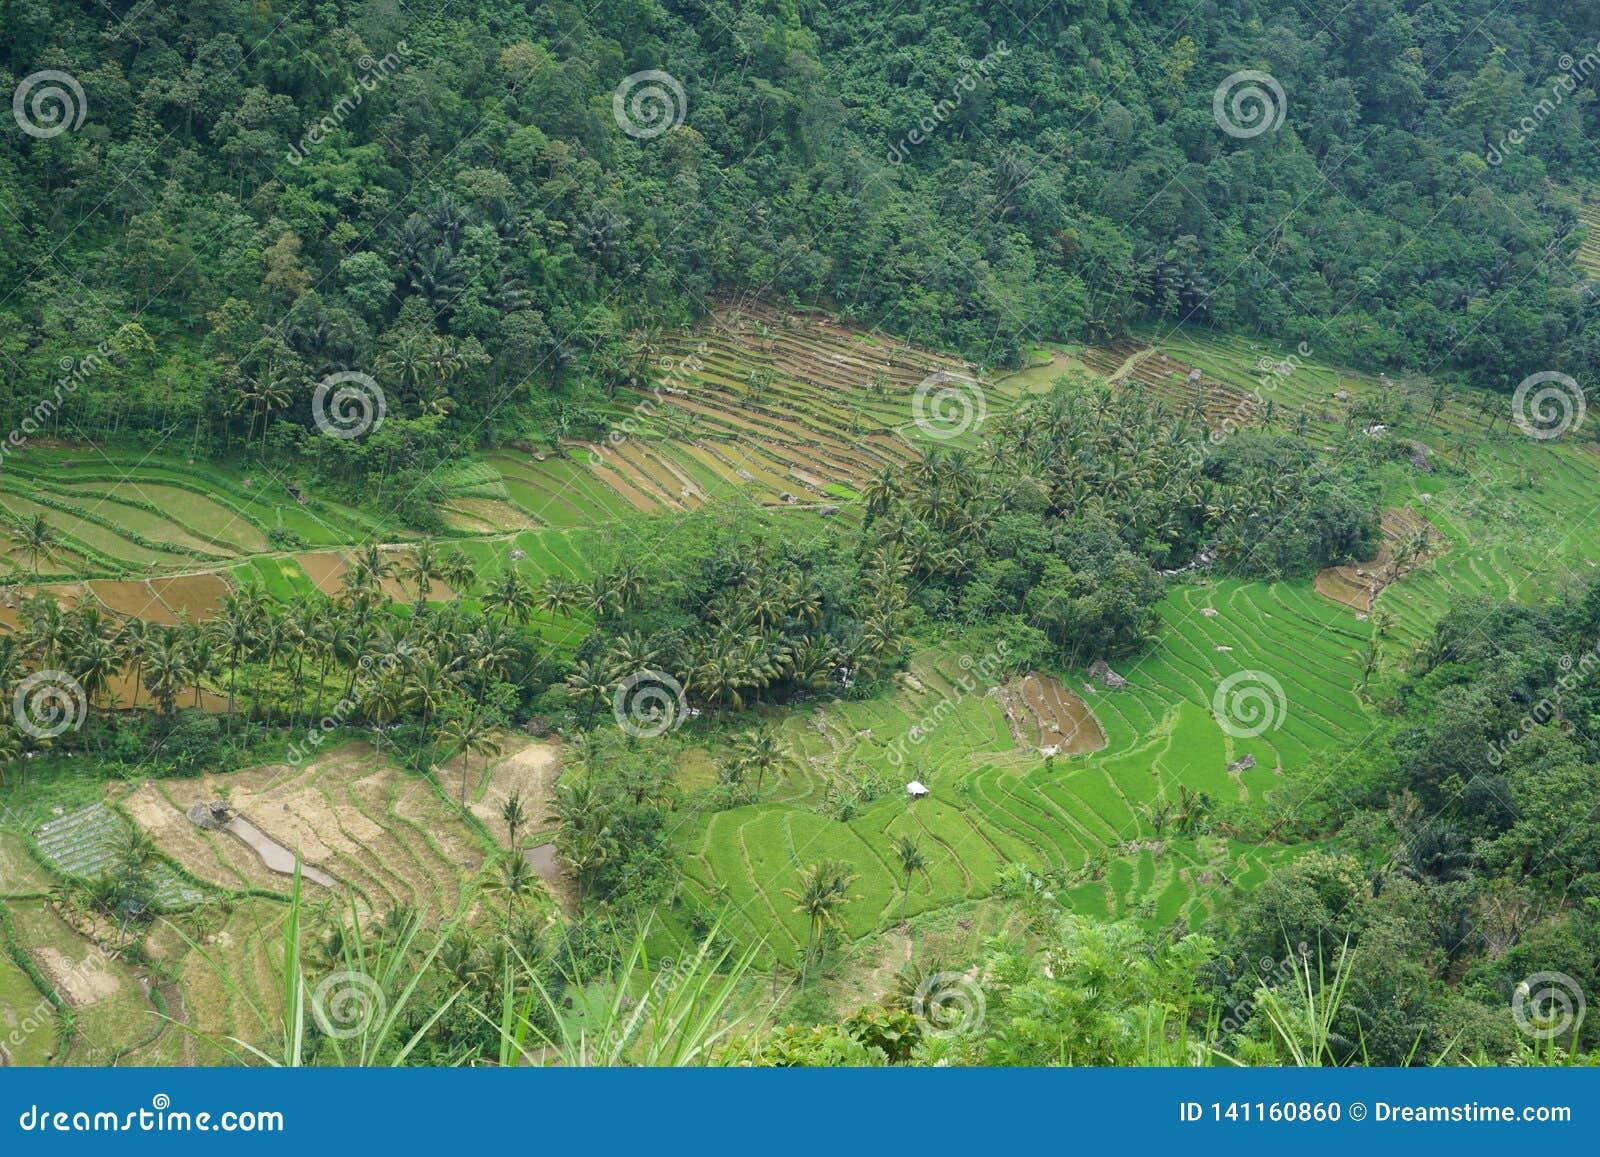 Ansichten von terassenförmig angelegten Reisfeldern